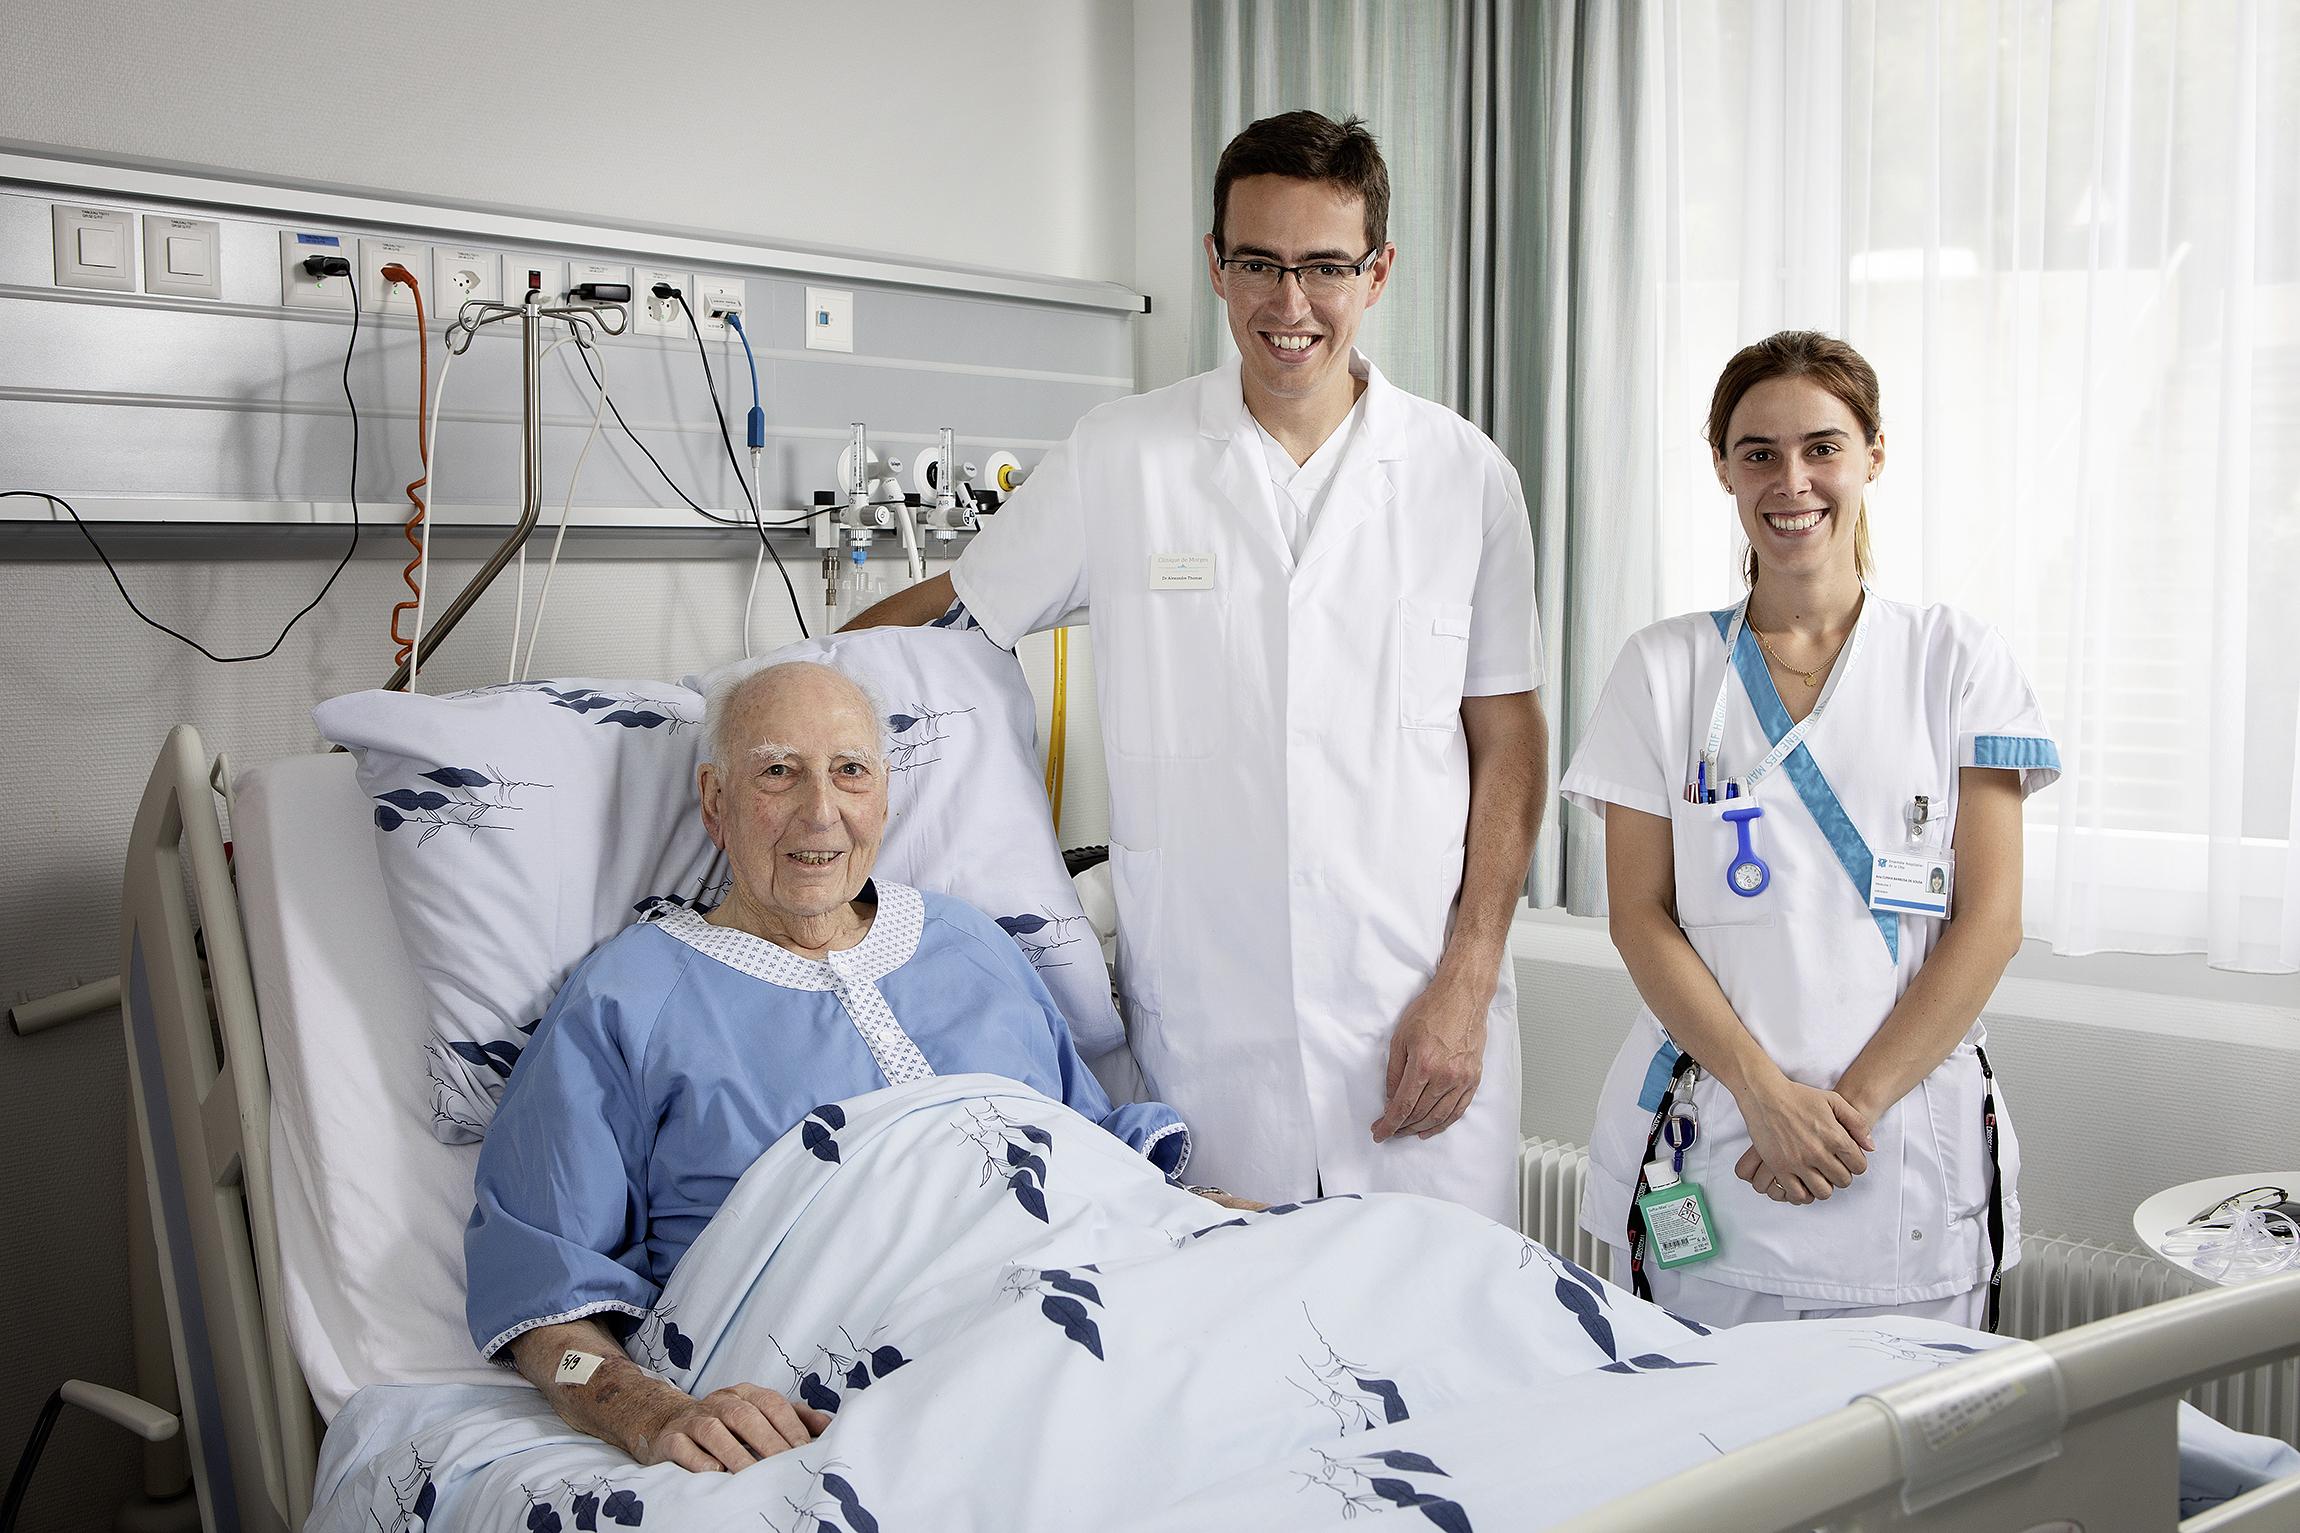 Tranches de vie au cœur de l'hôpital